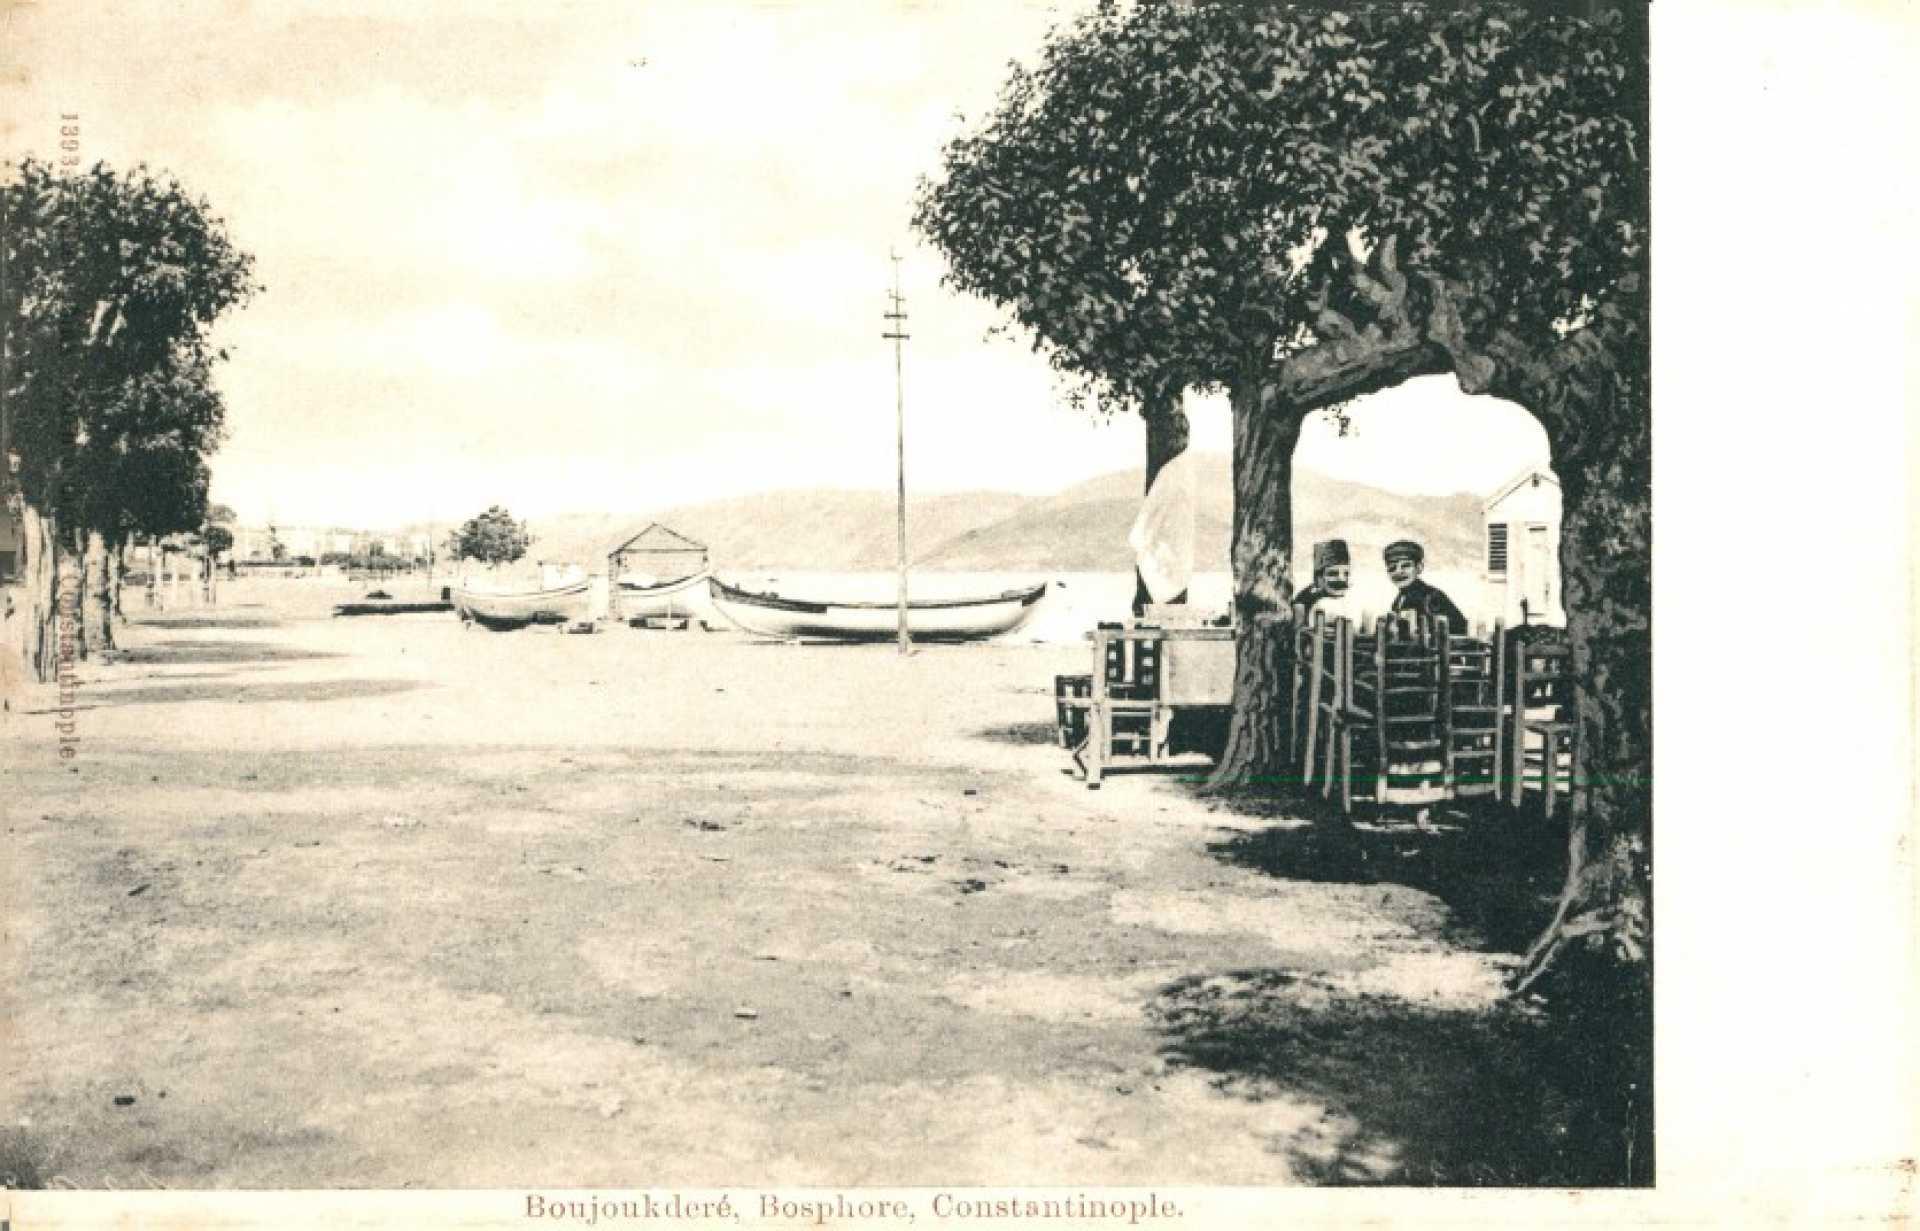 Boujoukdere